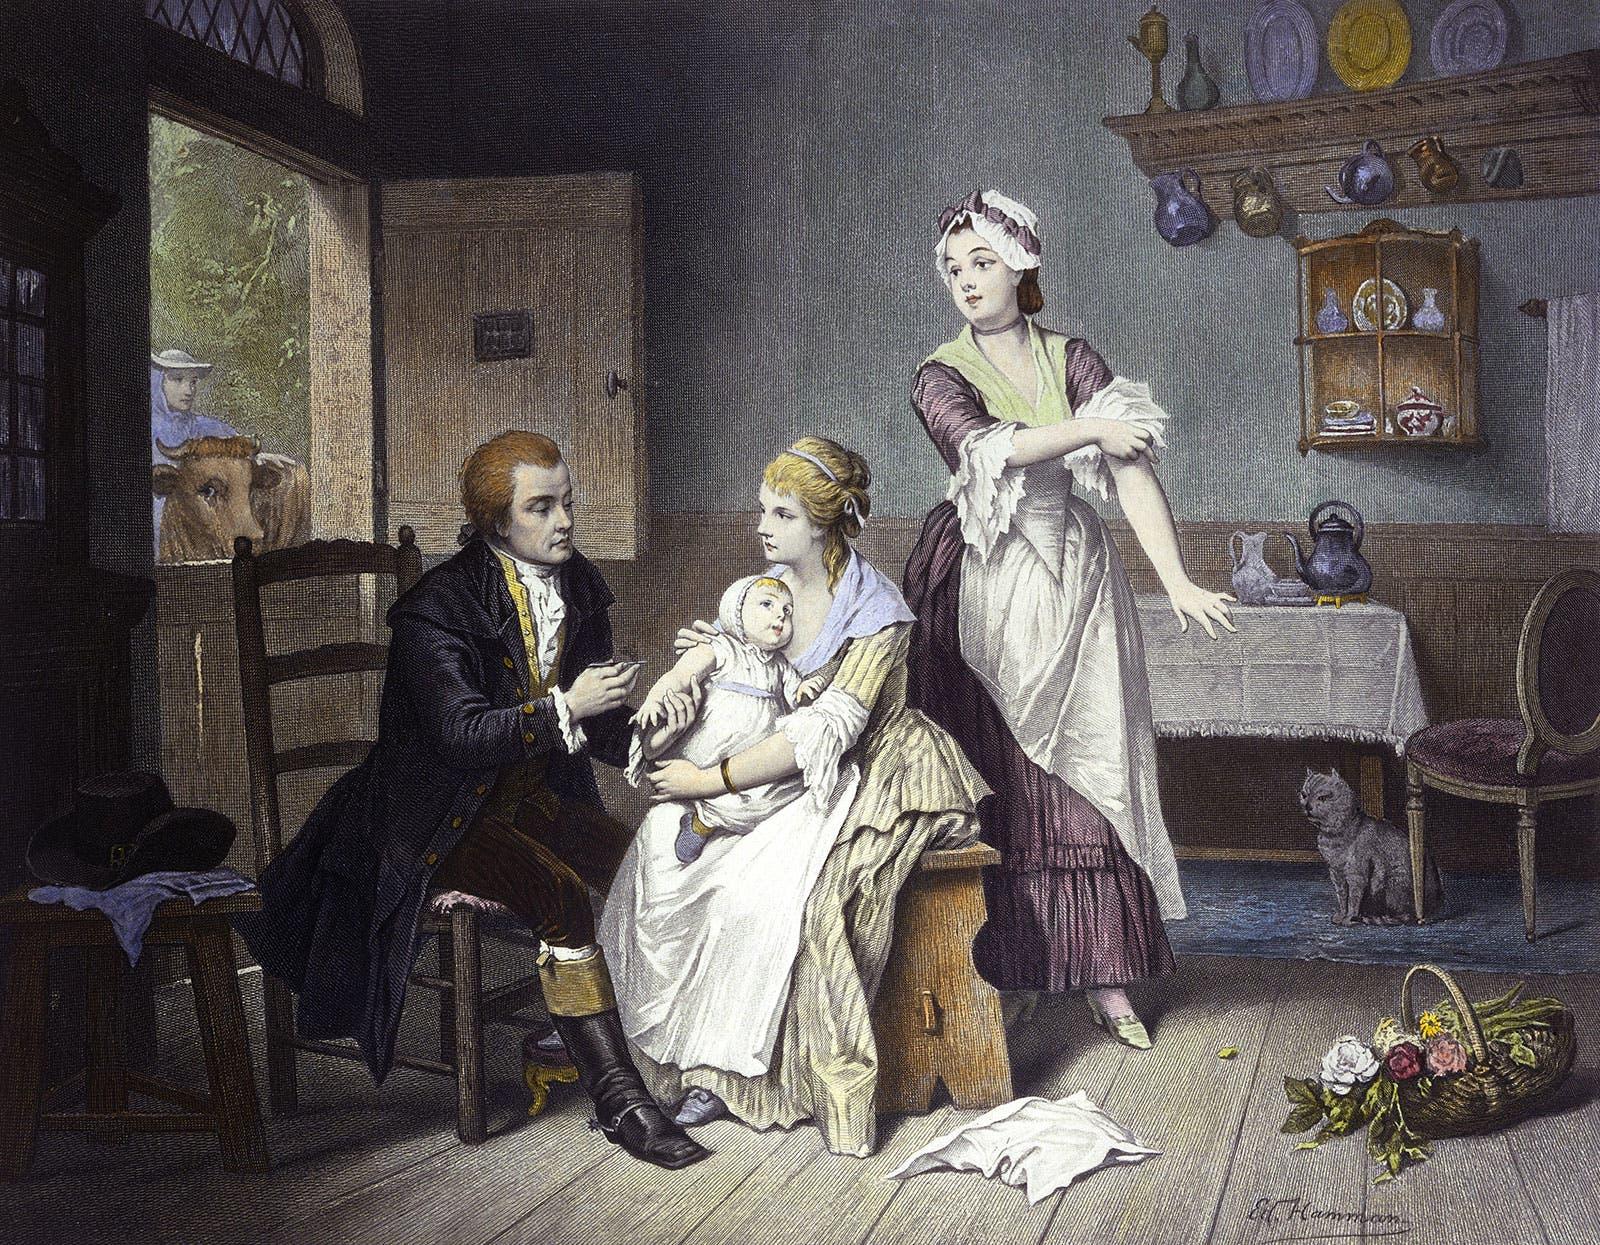 لوحة تجسد عملية التطعيم التي قادها الطبيب الإنجليزي إدوارد جينر